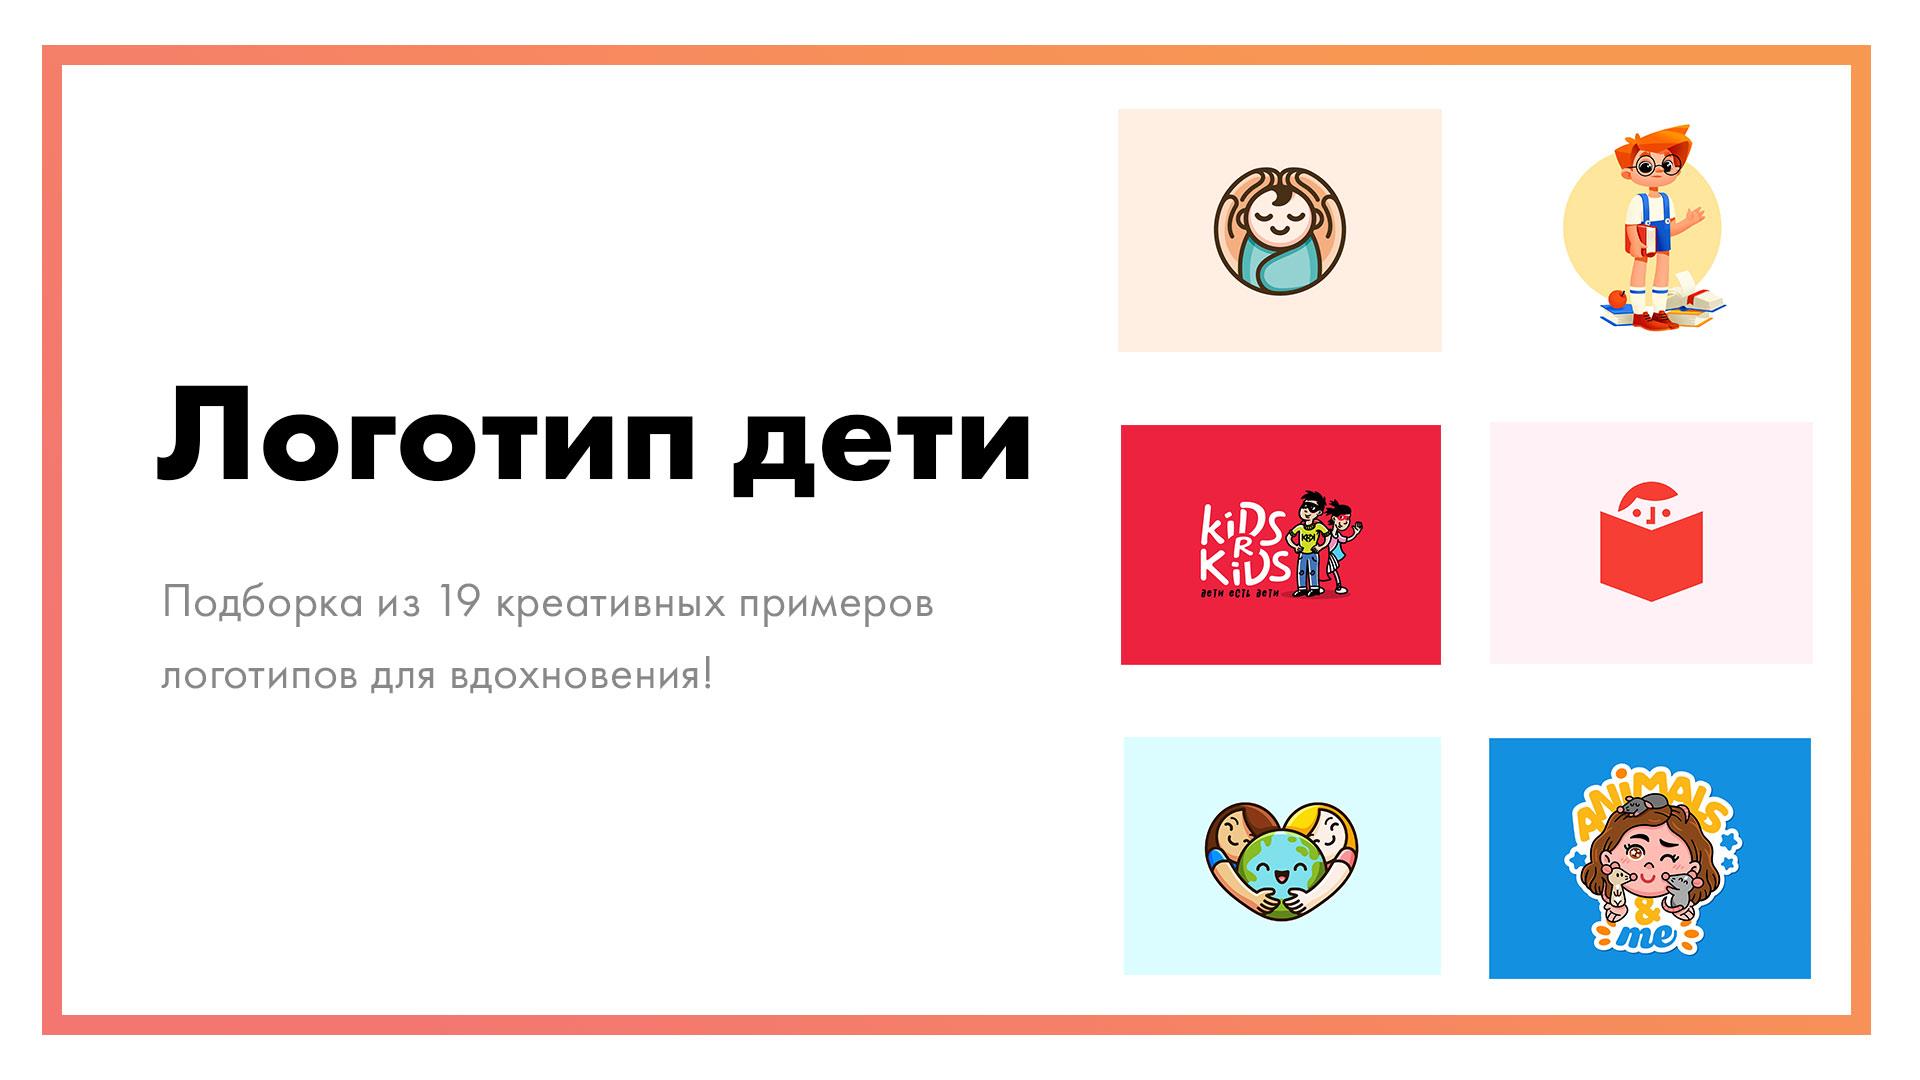 Логотип-дети-–-19-креативных-примеров-для-вдохновения!.jpg